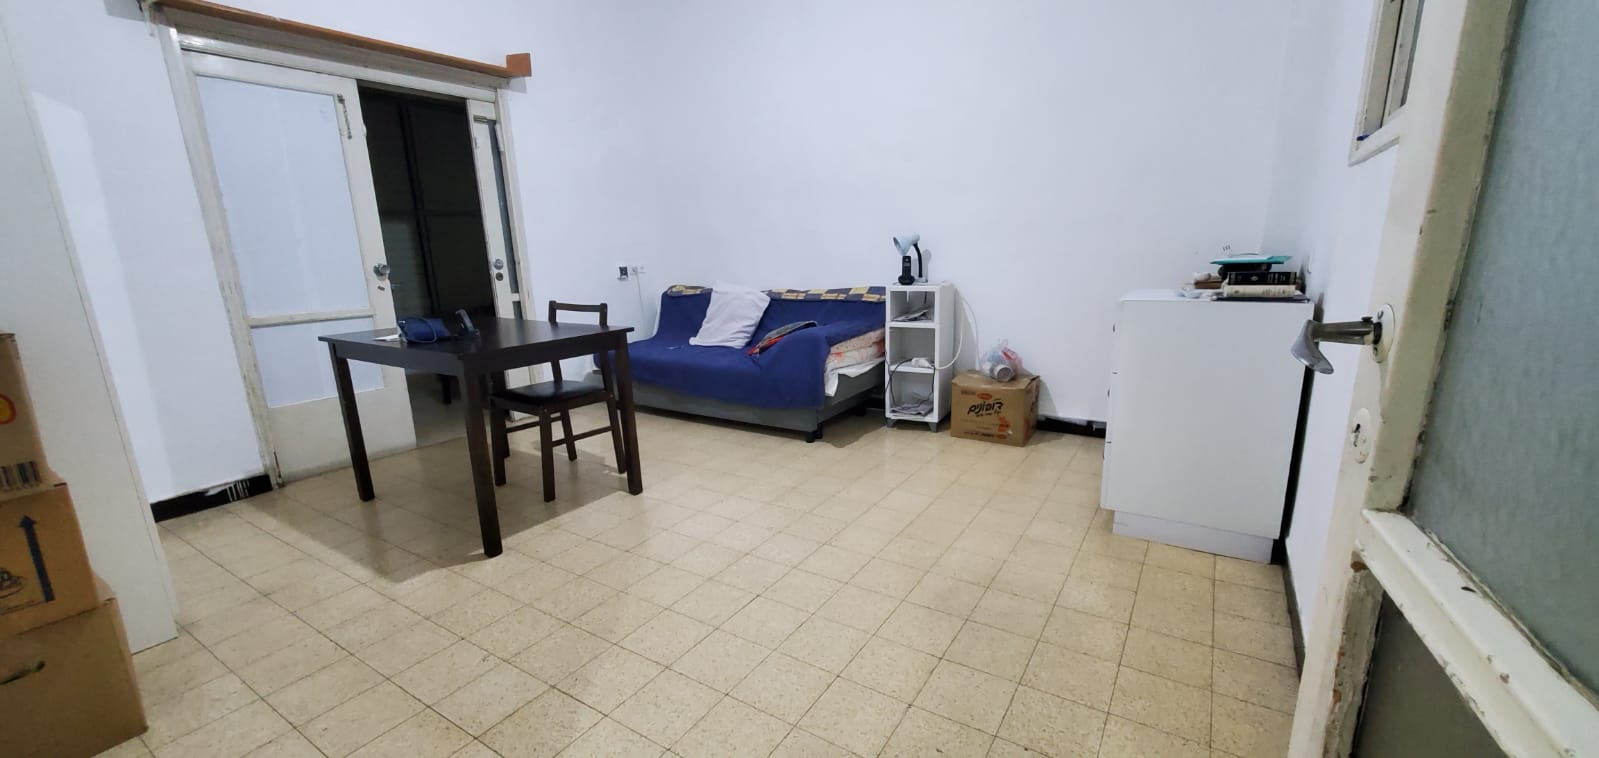 דירה להשכרה ברוטשילז פתח תקווה7